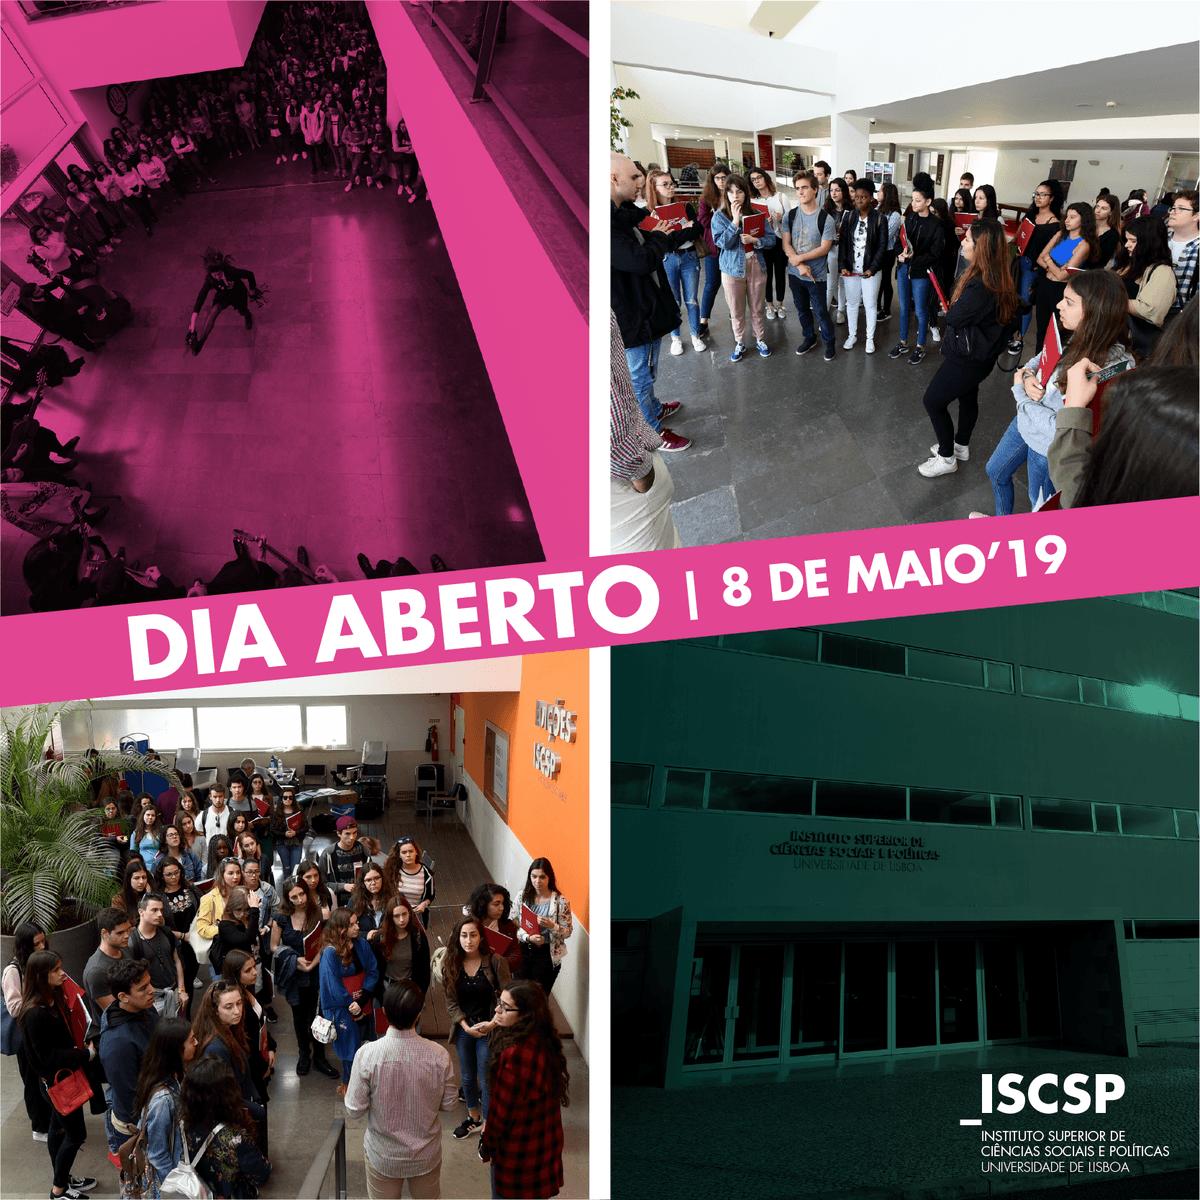 Dia Aberto ISCSP-ULisboa 2019